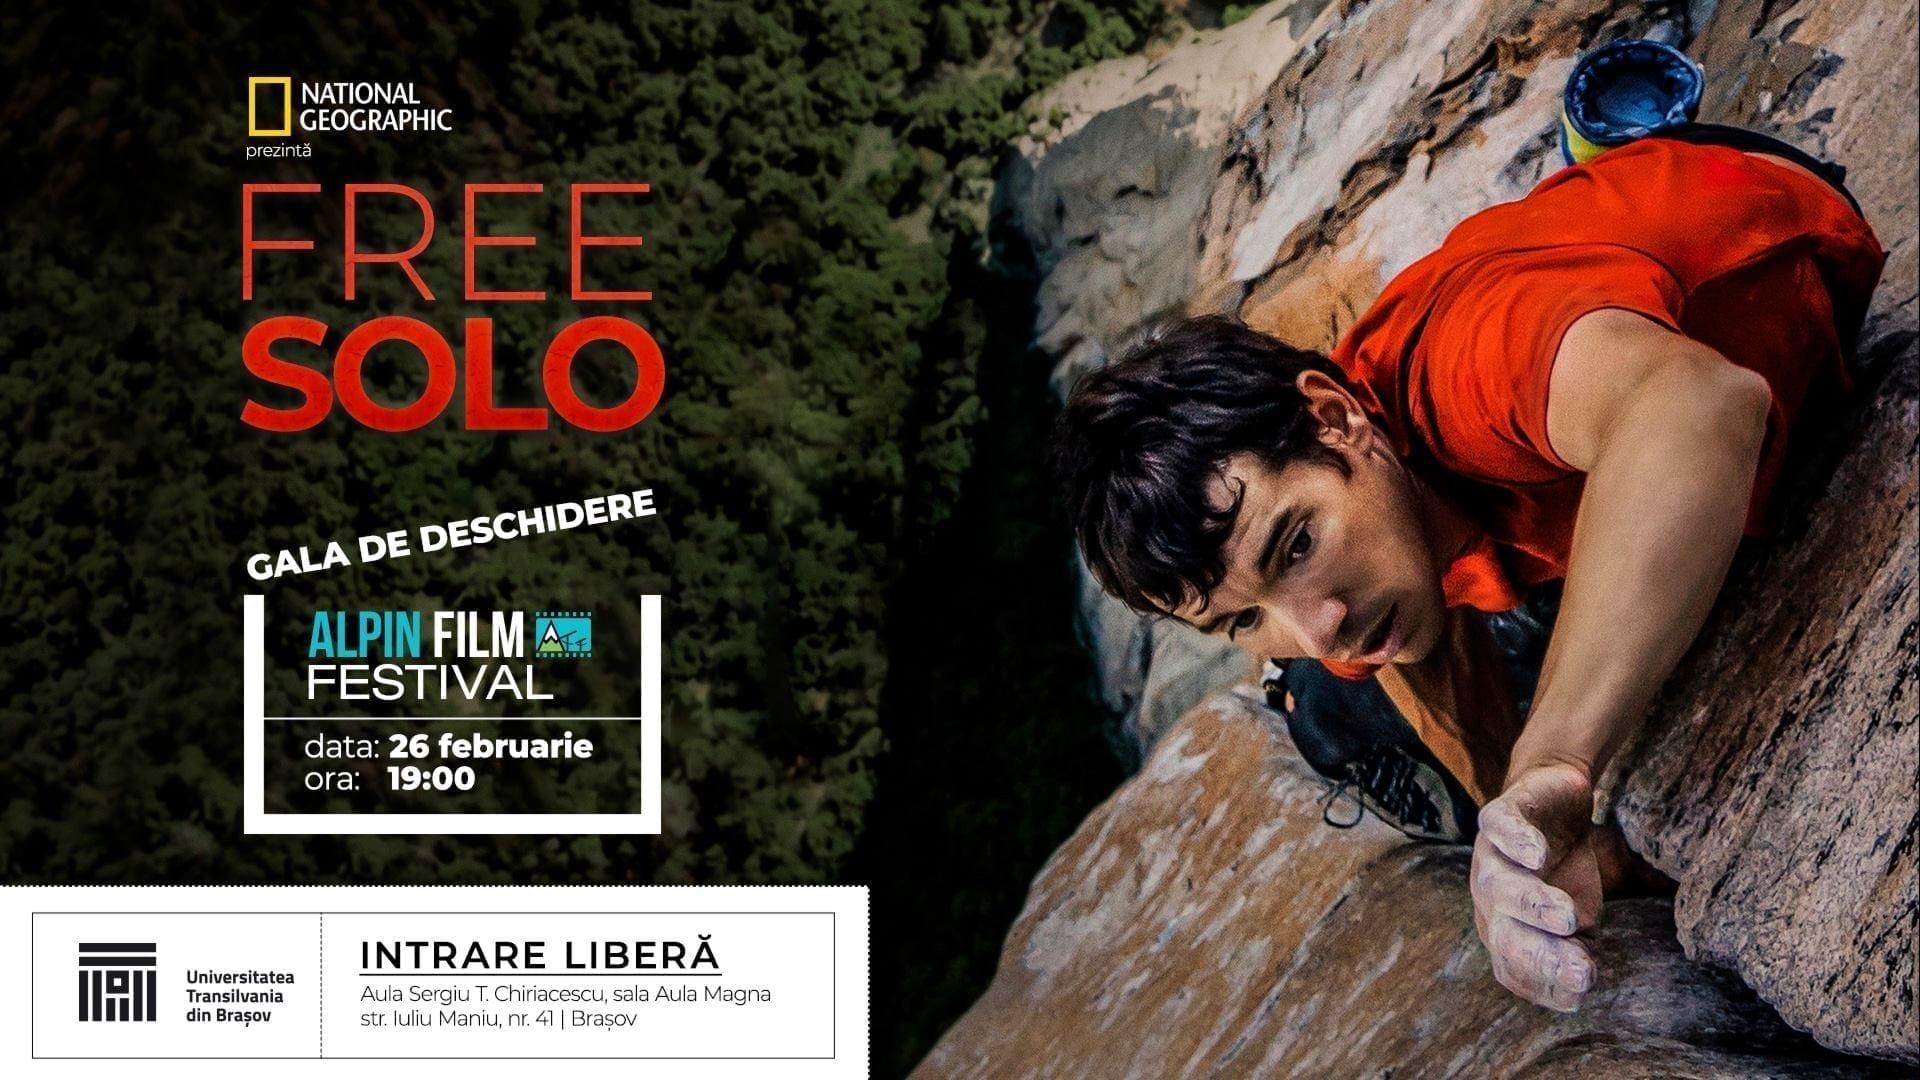 Gala Deschidere Alpin Film Festival